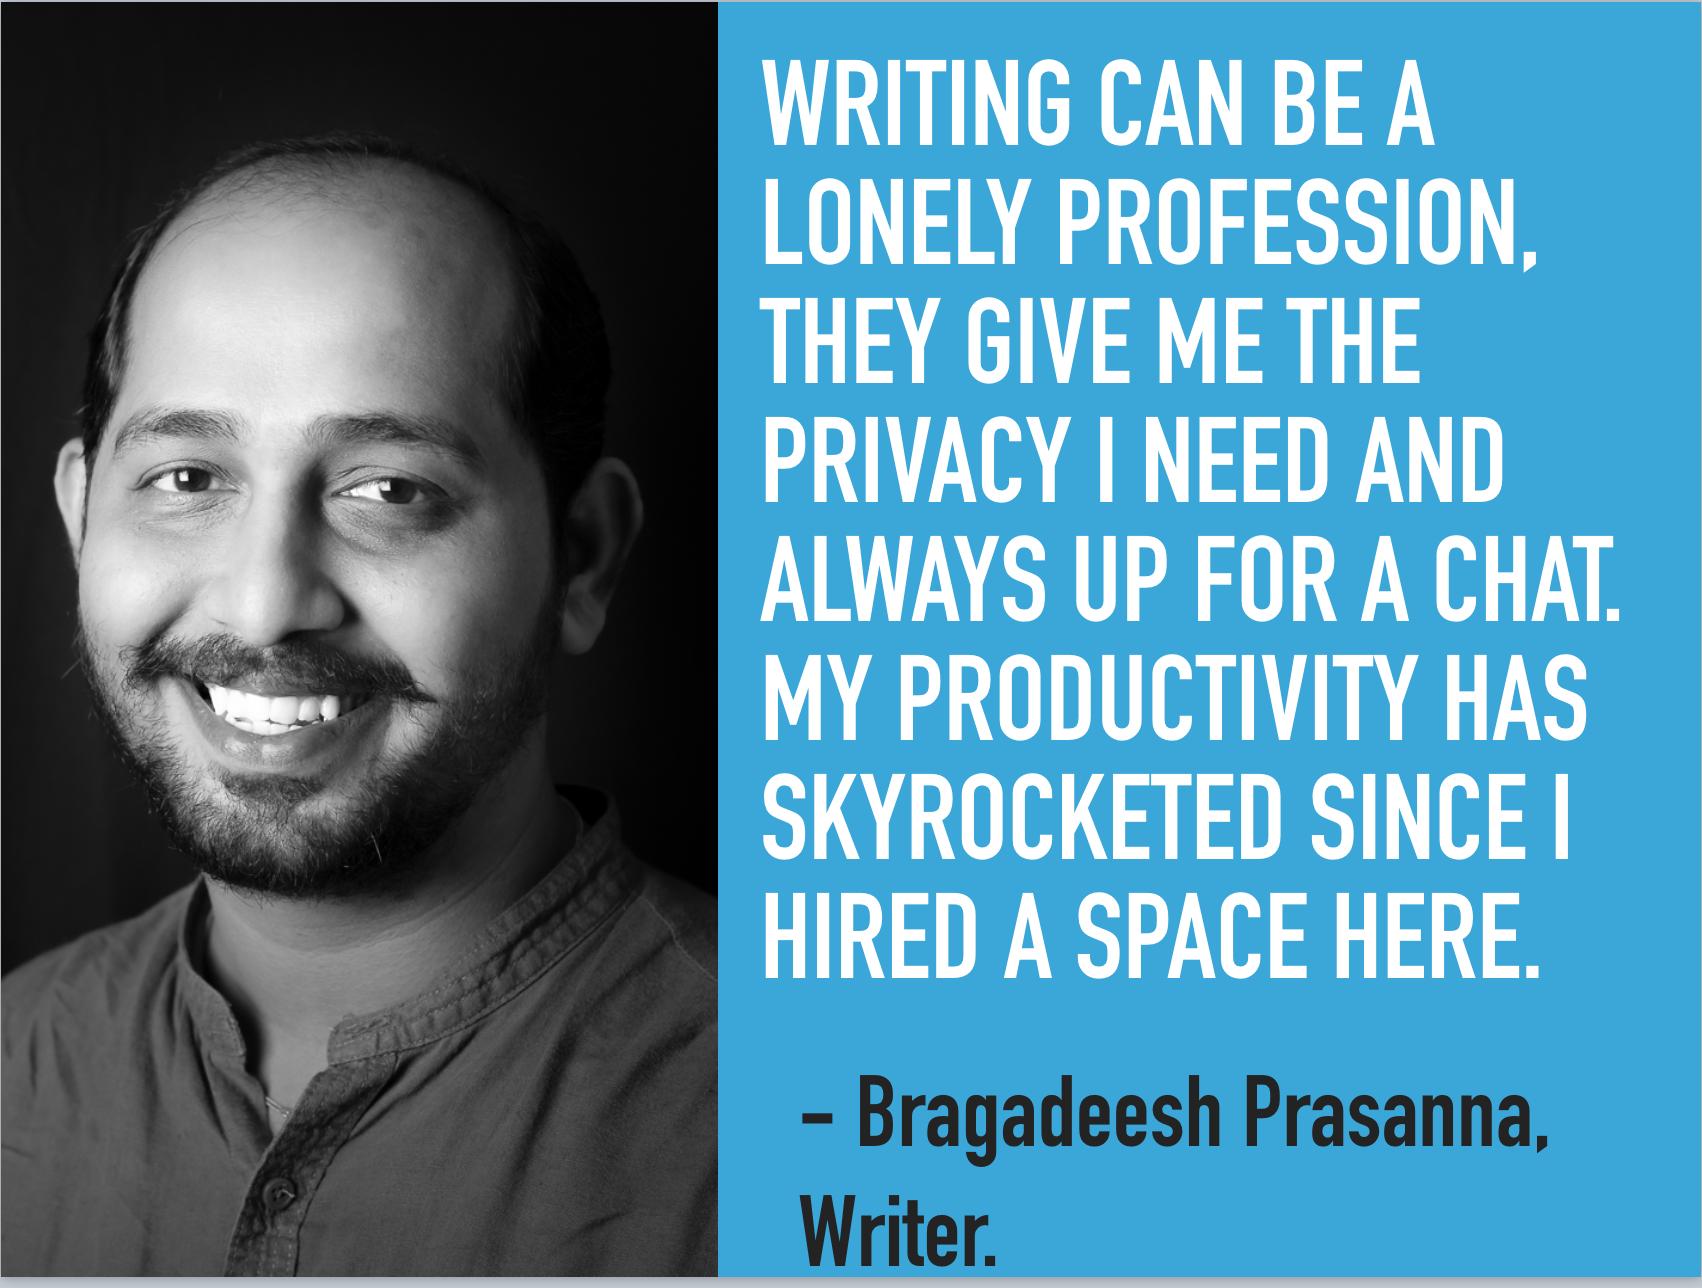 Our coworker Bragadeesh Prasanna